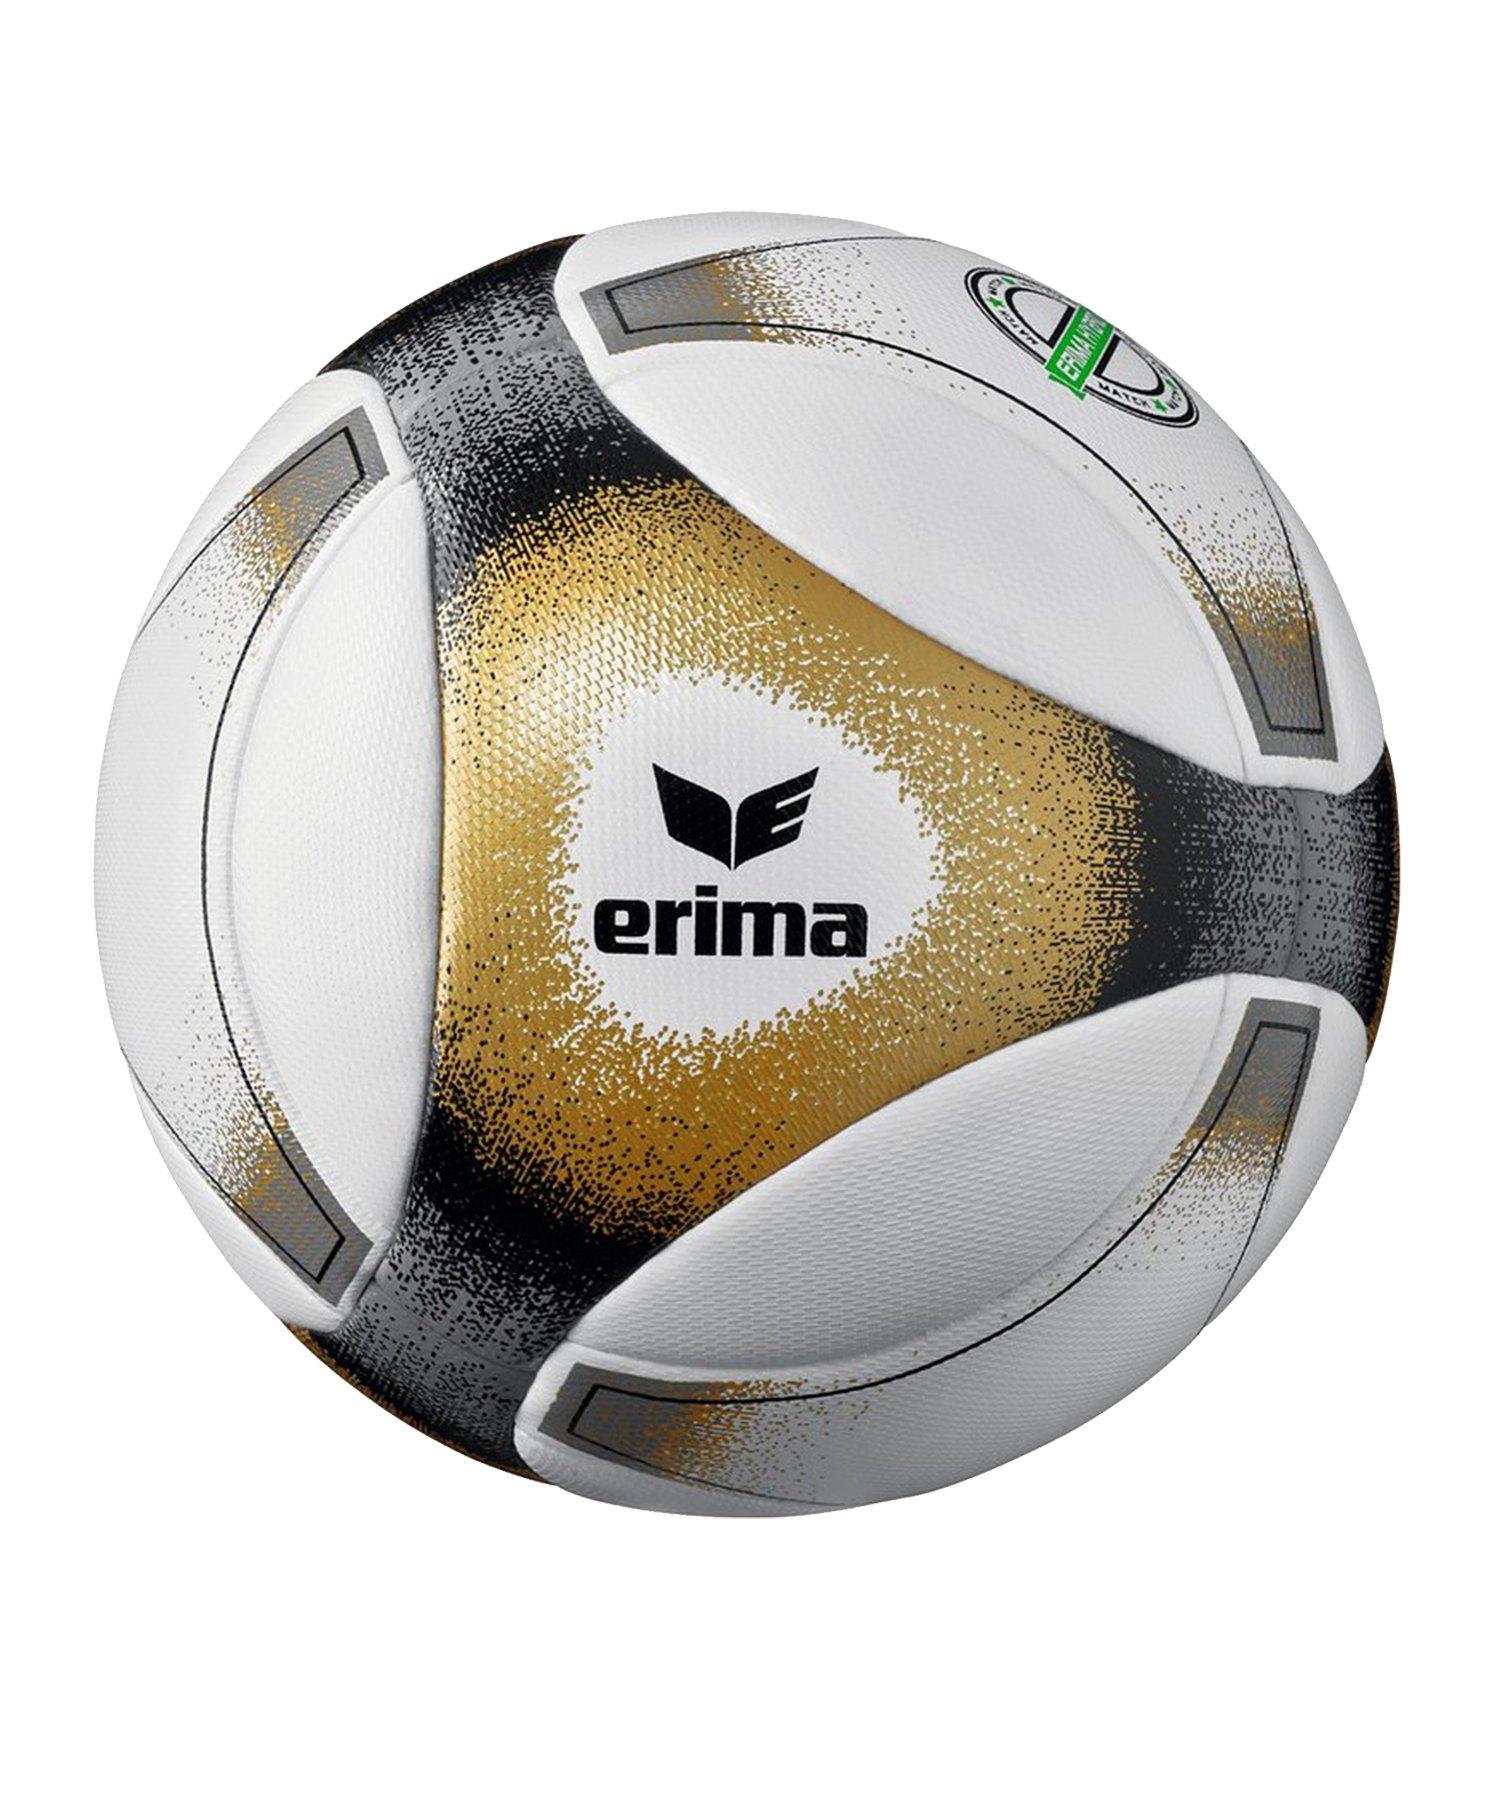 Erima Hybrid Match Spielball Schwarz Gold - schwarz